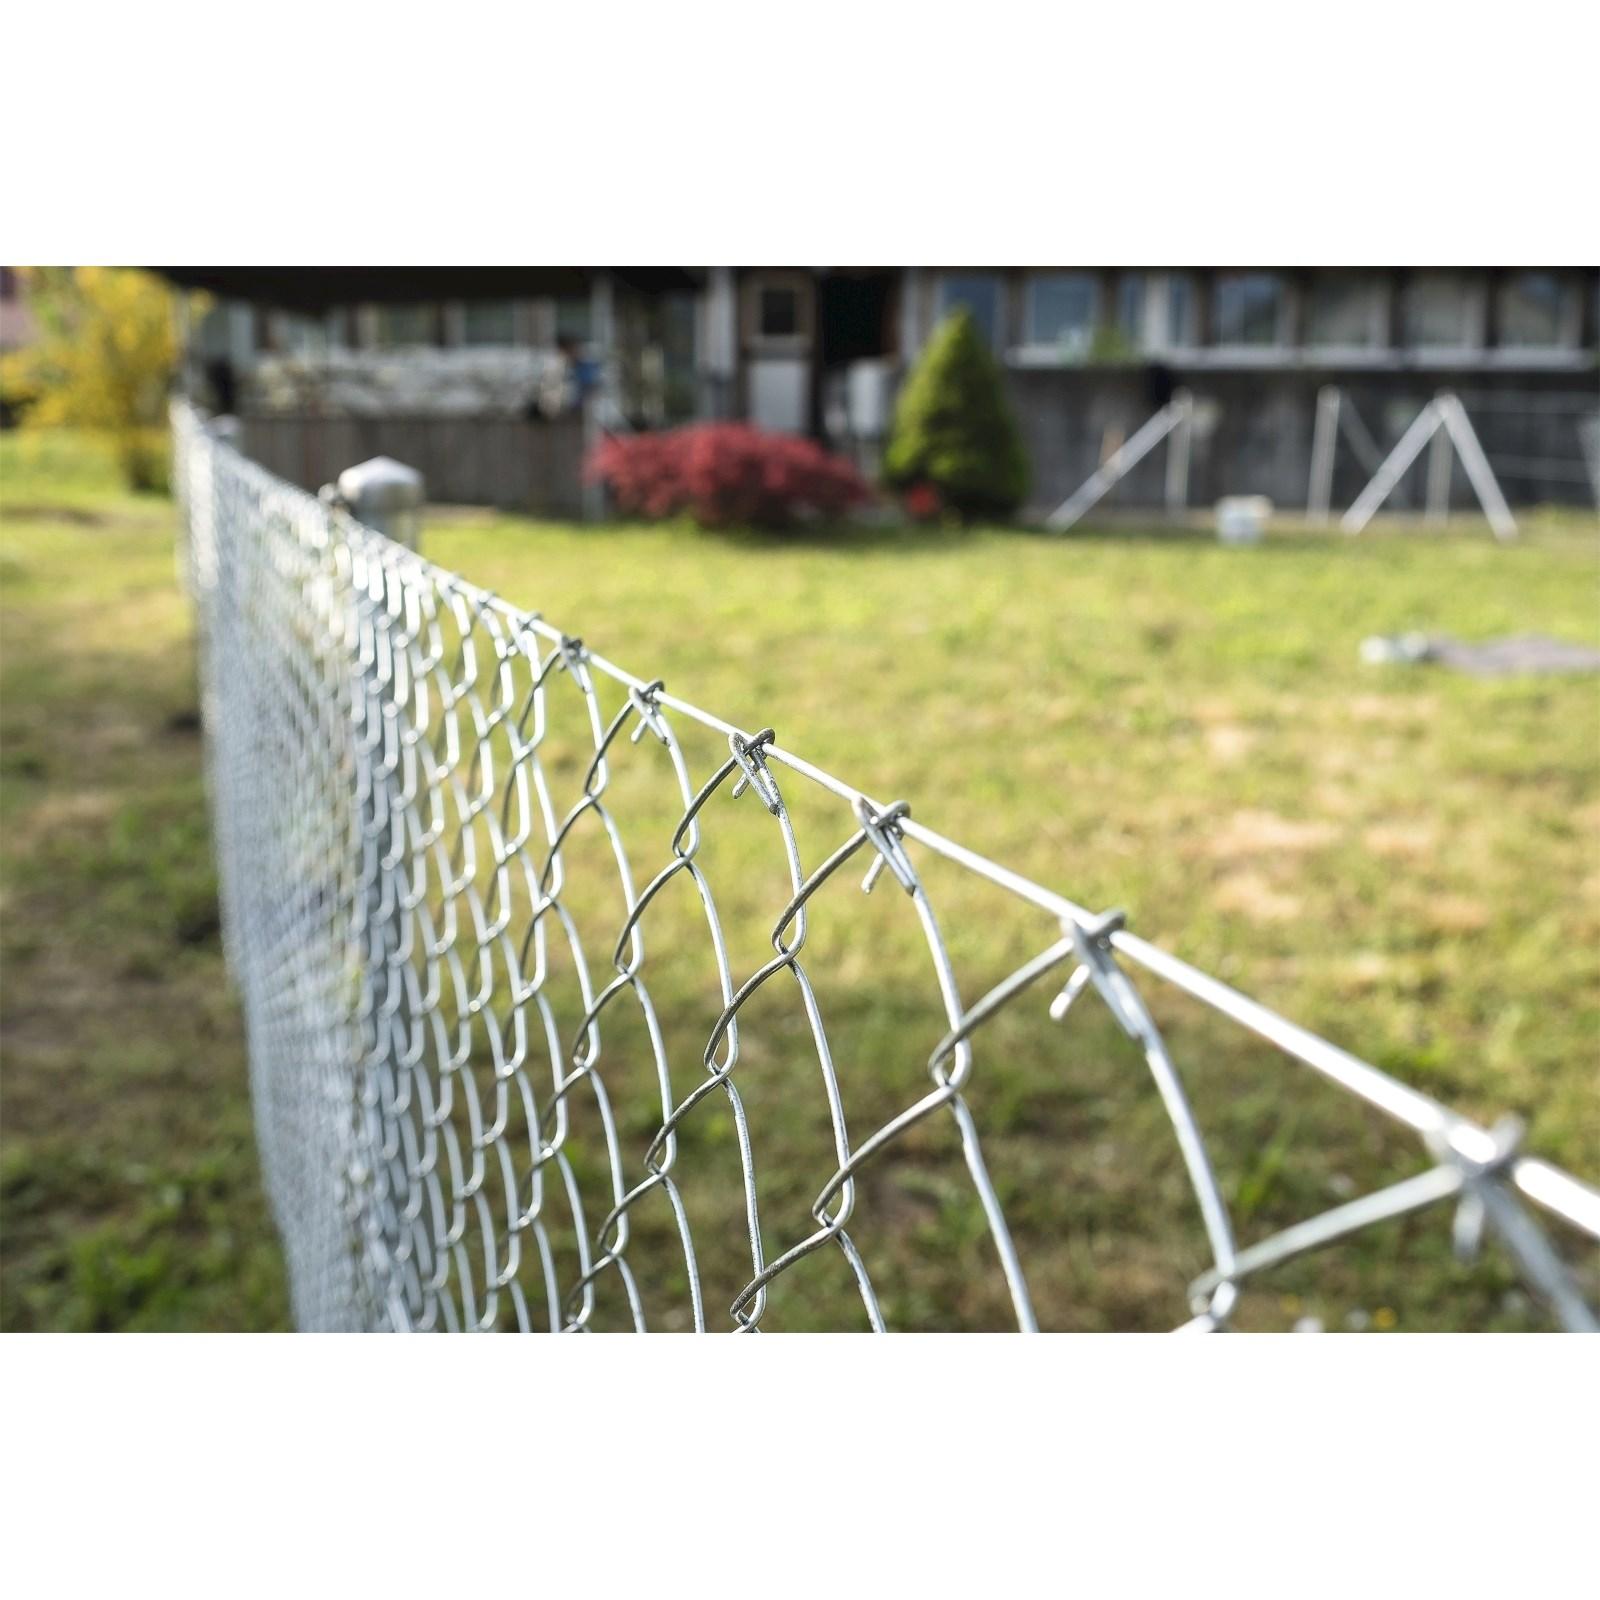 Bevorzugt Zaunpfosten 1,5 m, verzinkt - Pfähle / Pfosten - LANDI RF26